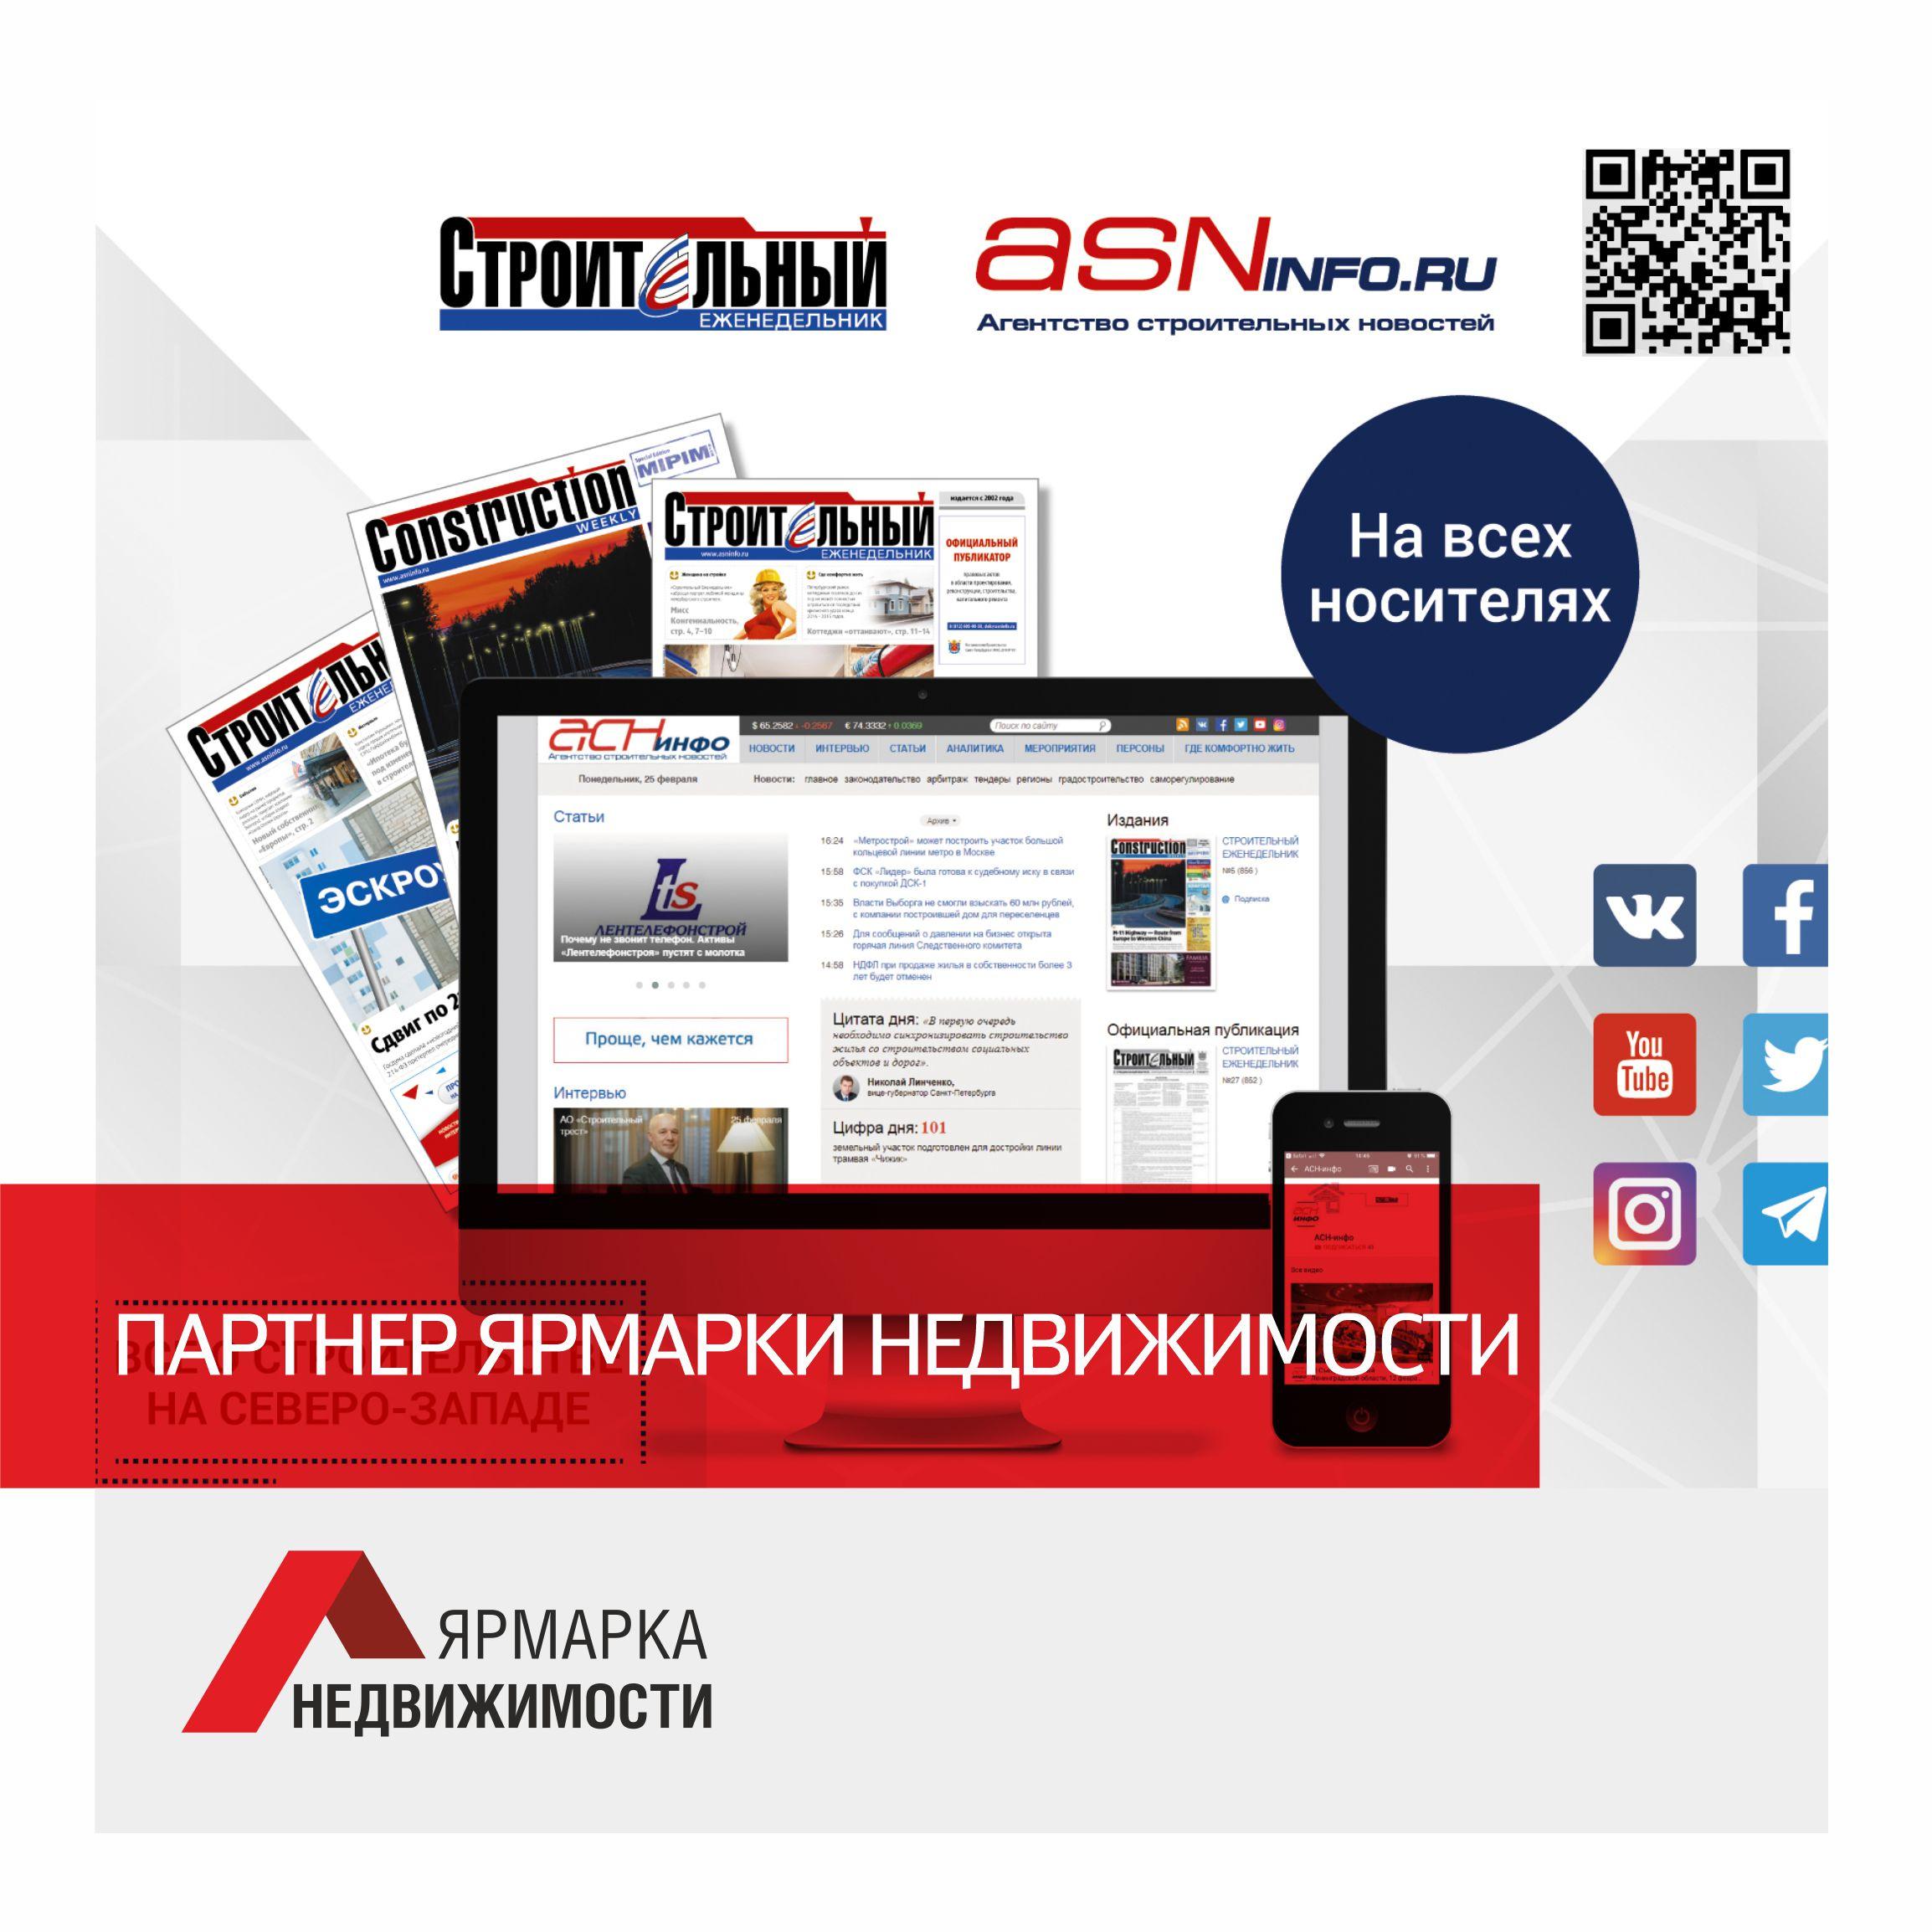 Главные новости строительного рынка — на портале asninfo.ru и в газете «Строительный Еженедельник»